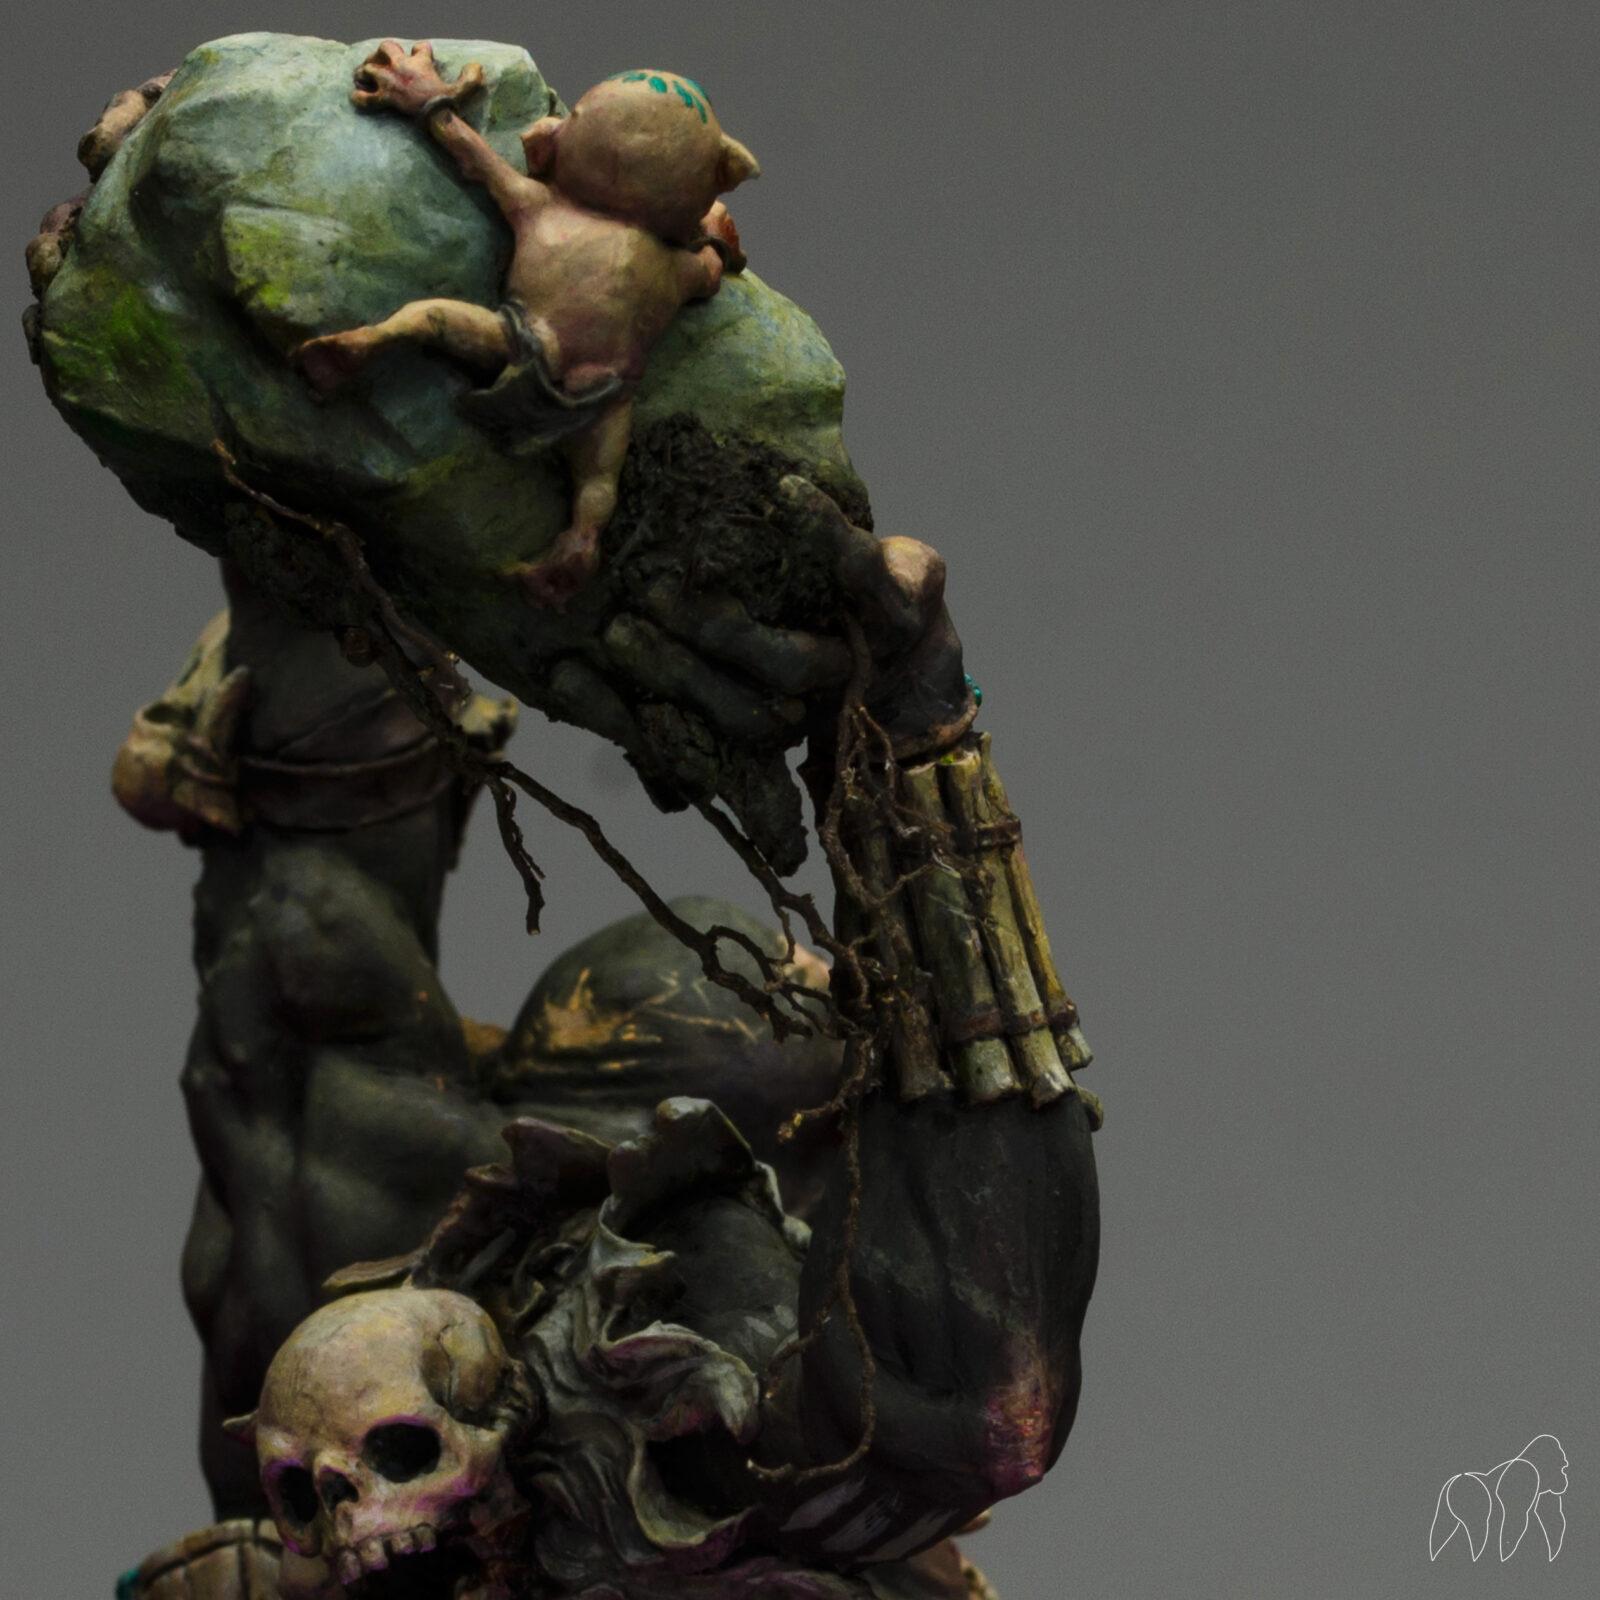 Orc Kong07